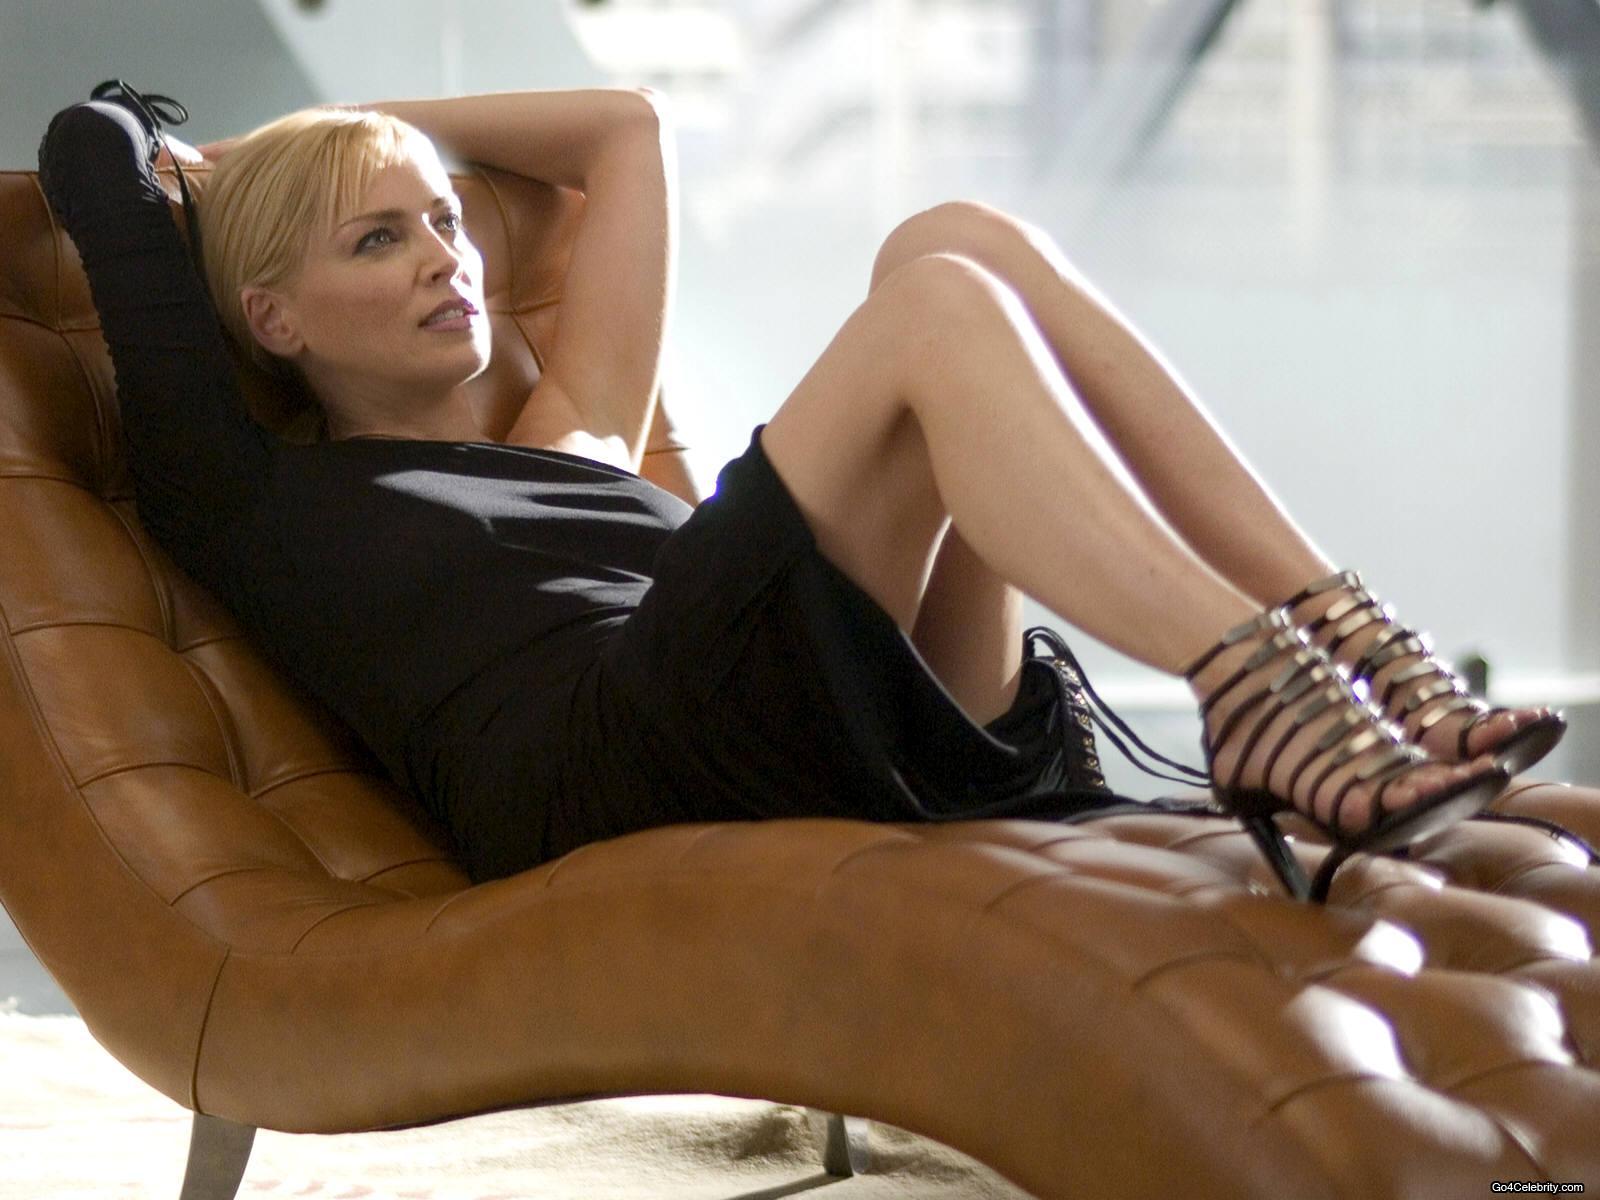 Hot Sharon Stone nudes (94 photos), Sexy, Bikini, Twitter, swimsuit 2018